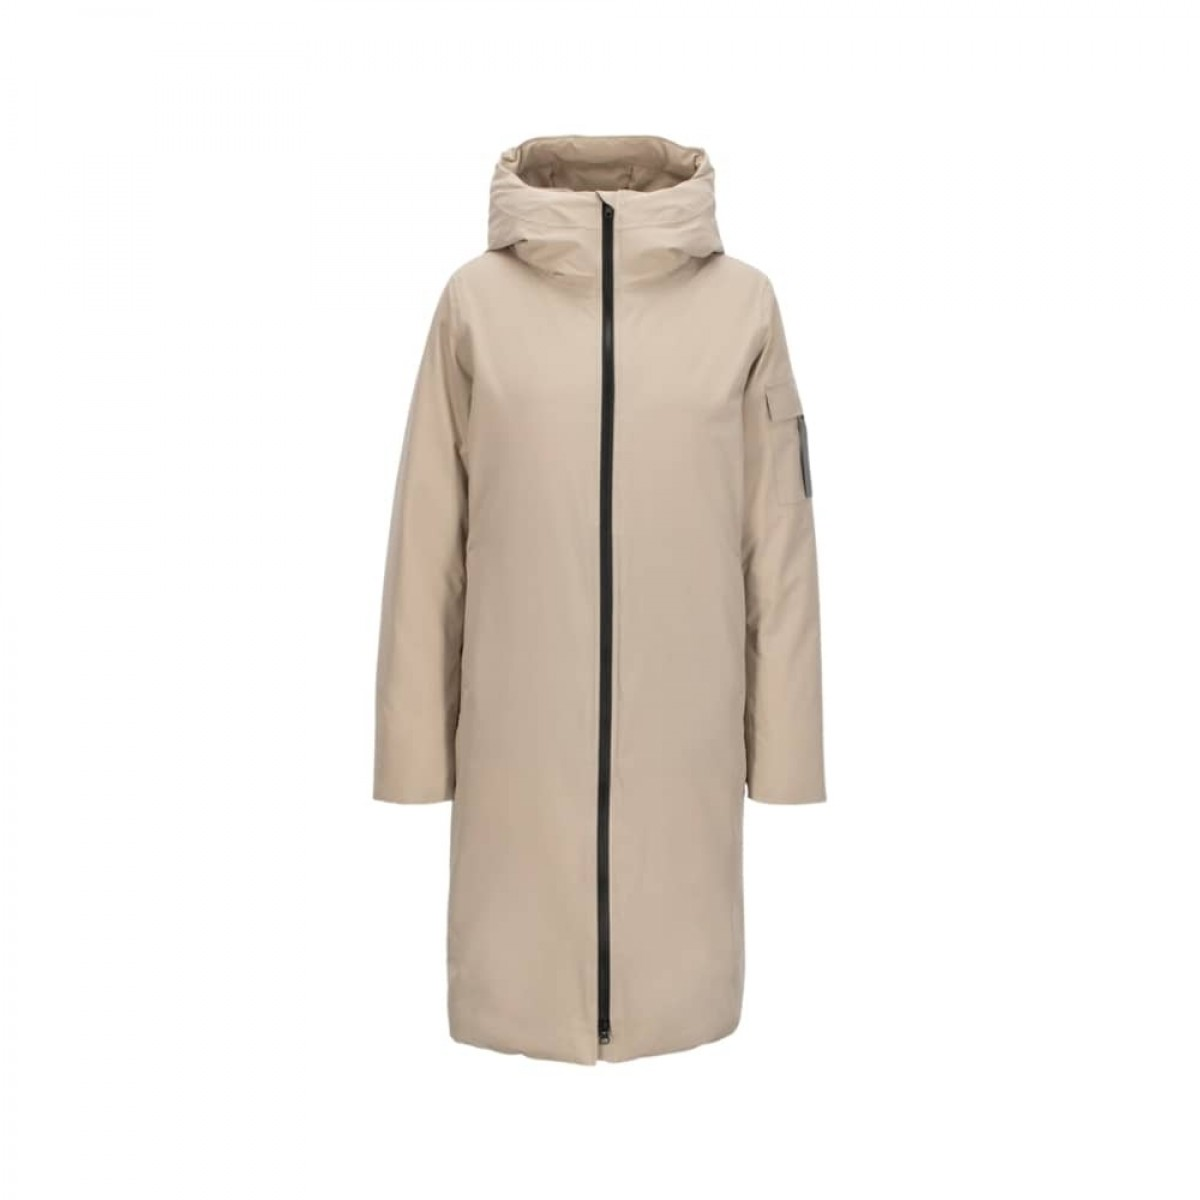 bjorli jacket - beige - front